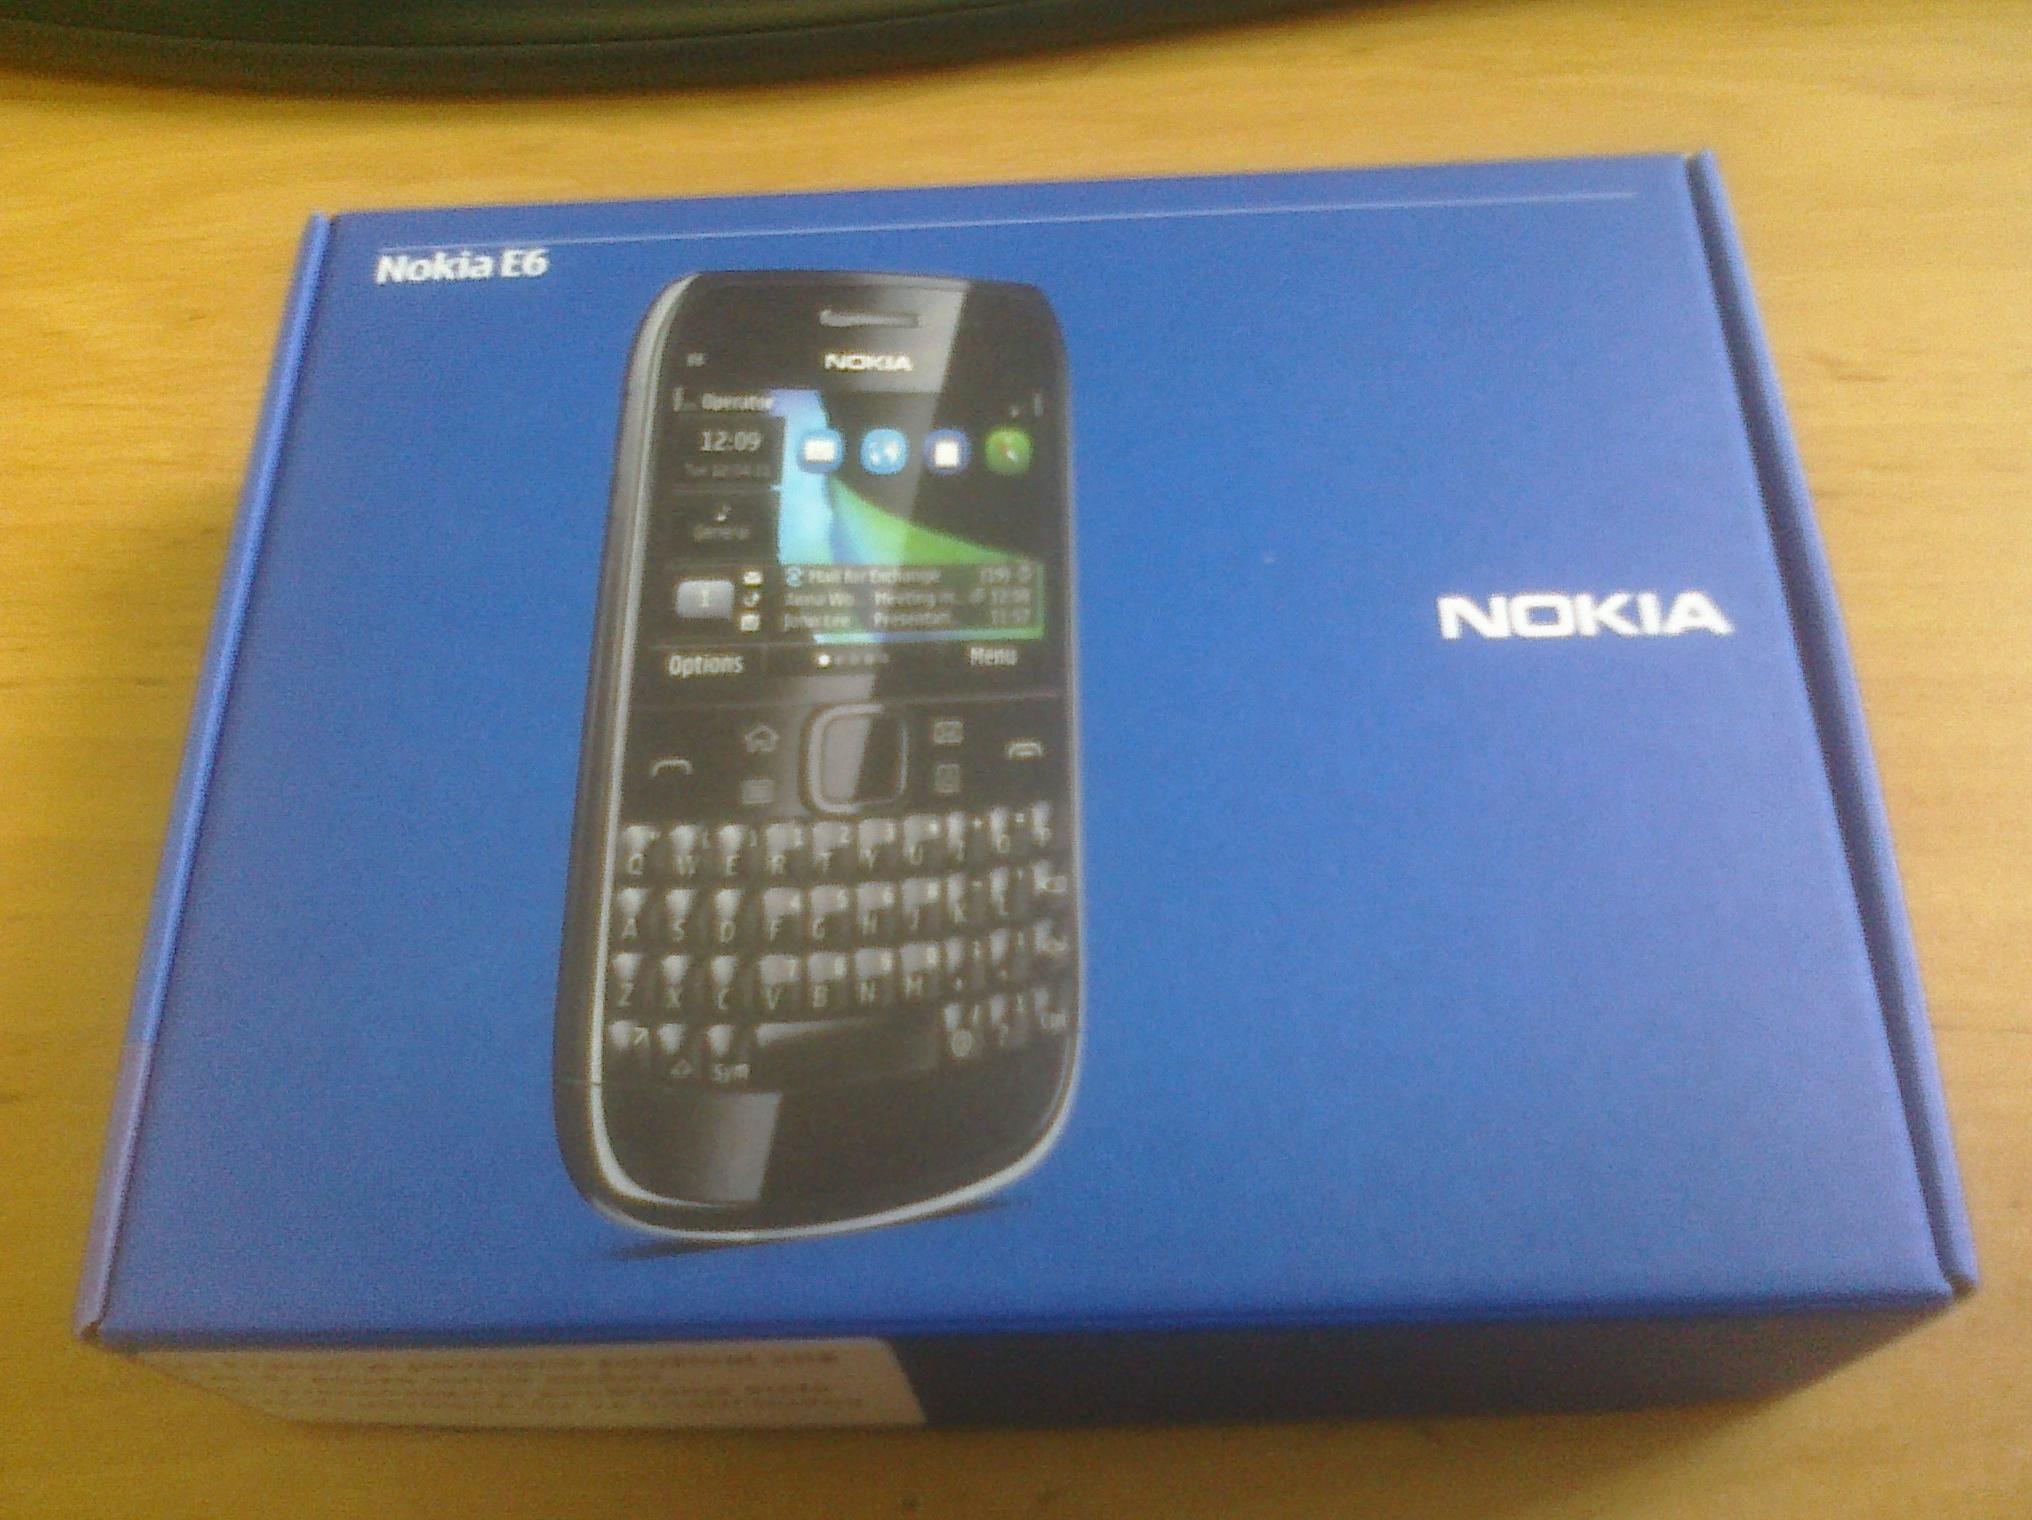 Nokia E6 balení